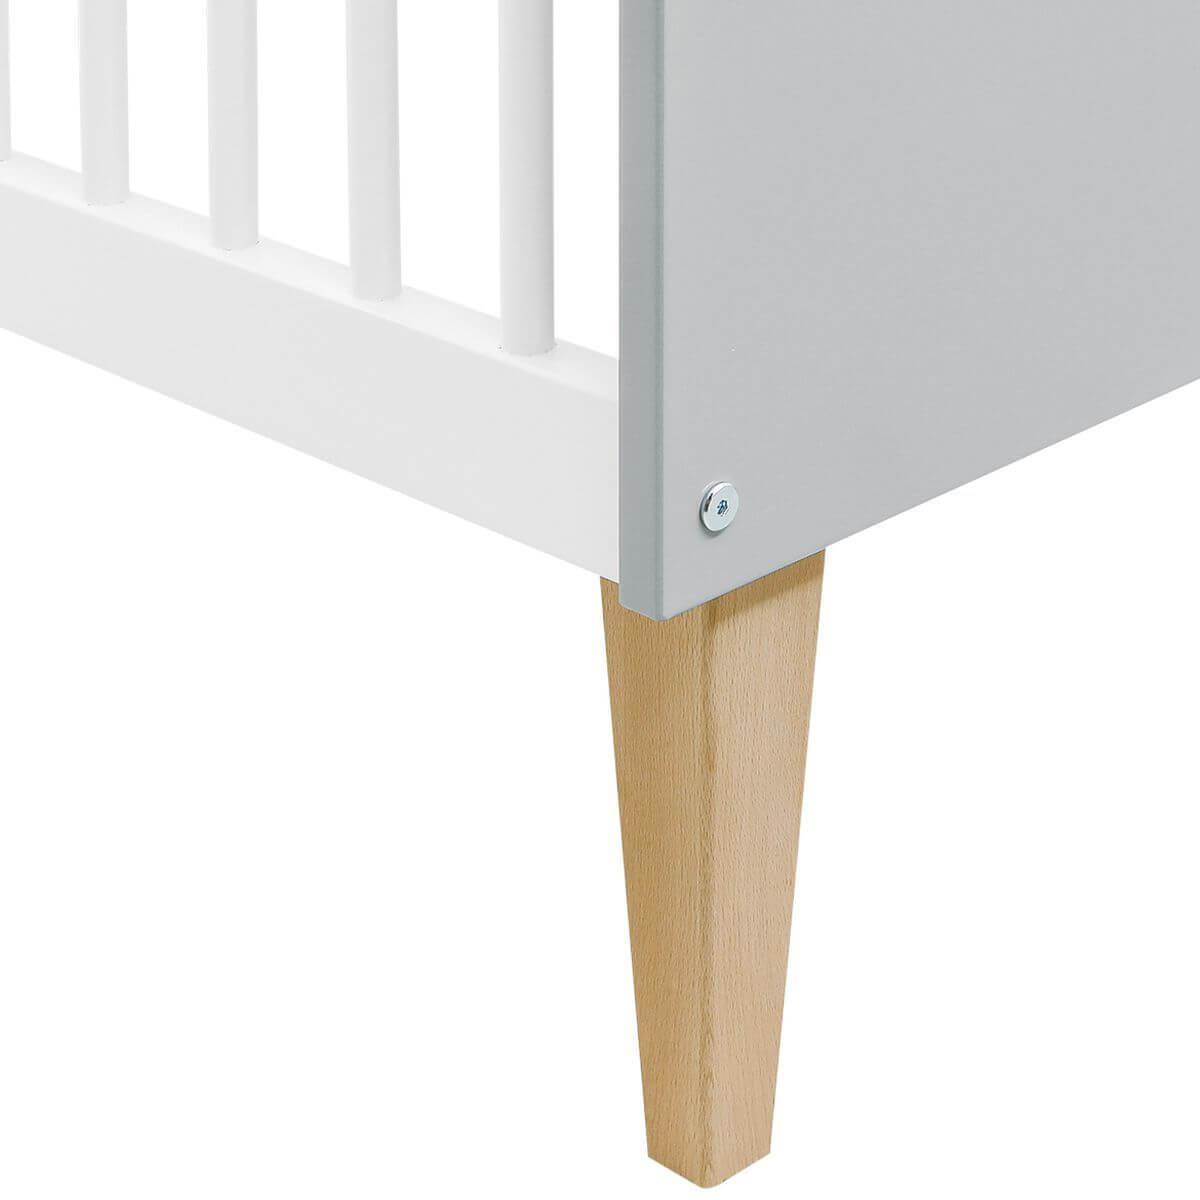 Cuna 60x120cm EMMA Bopita blanco-gris